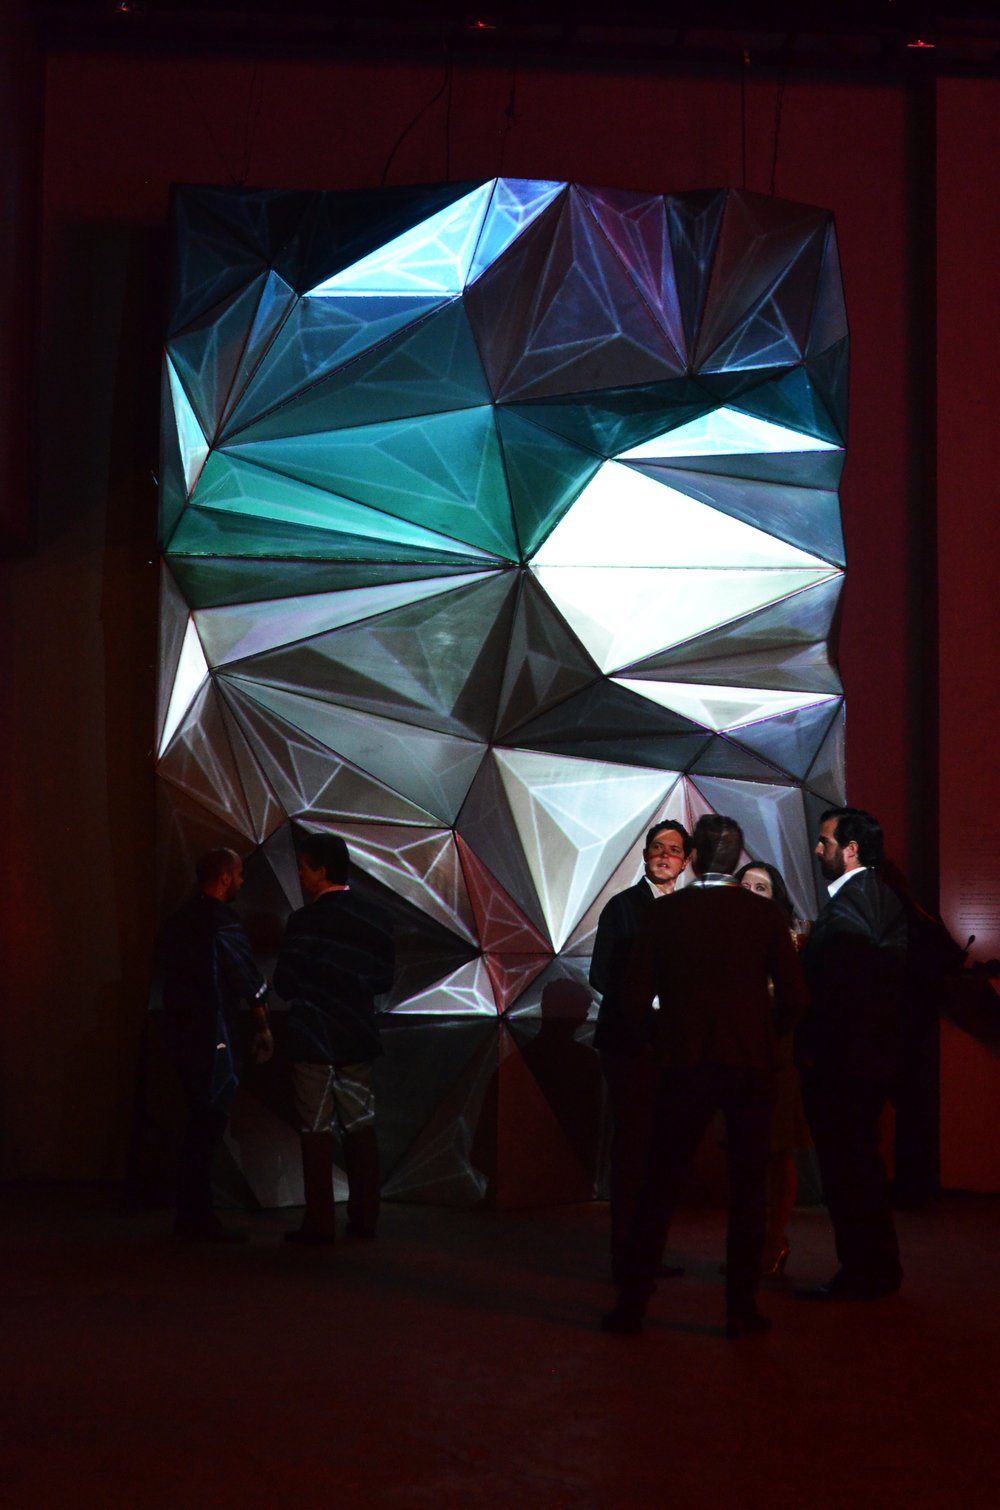 Monairem  La danza de los robots,propone ser una pieza escultorica en la que converjan visuales, animación,video y mapping, logrando que el muro cobre vida logrando que el usuario intervenga en su propia experiencia.